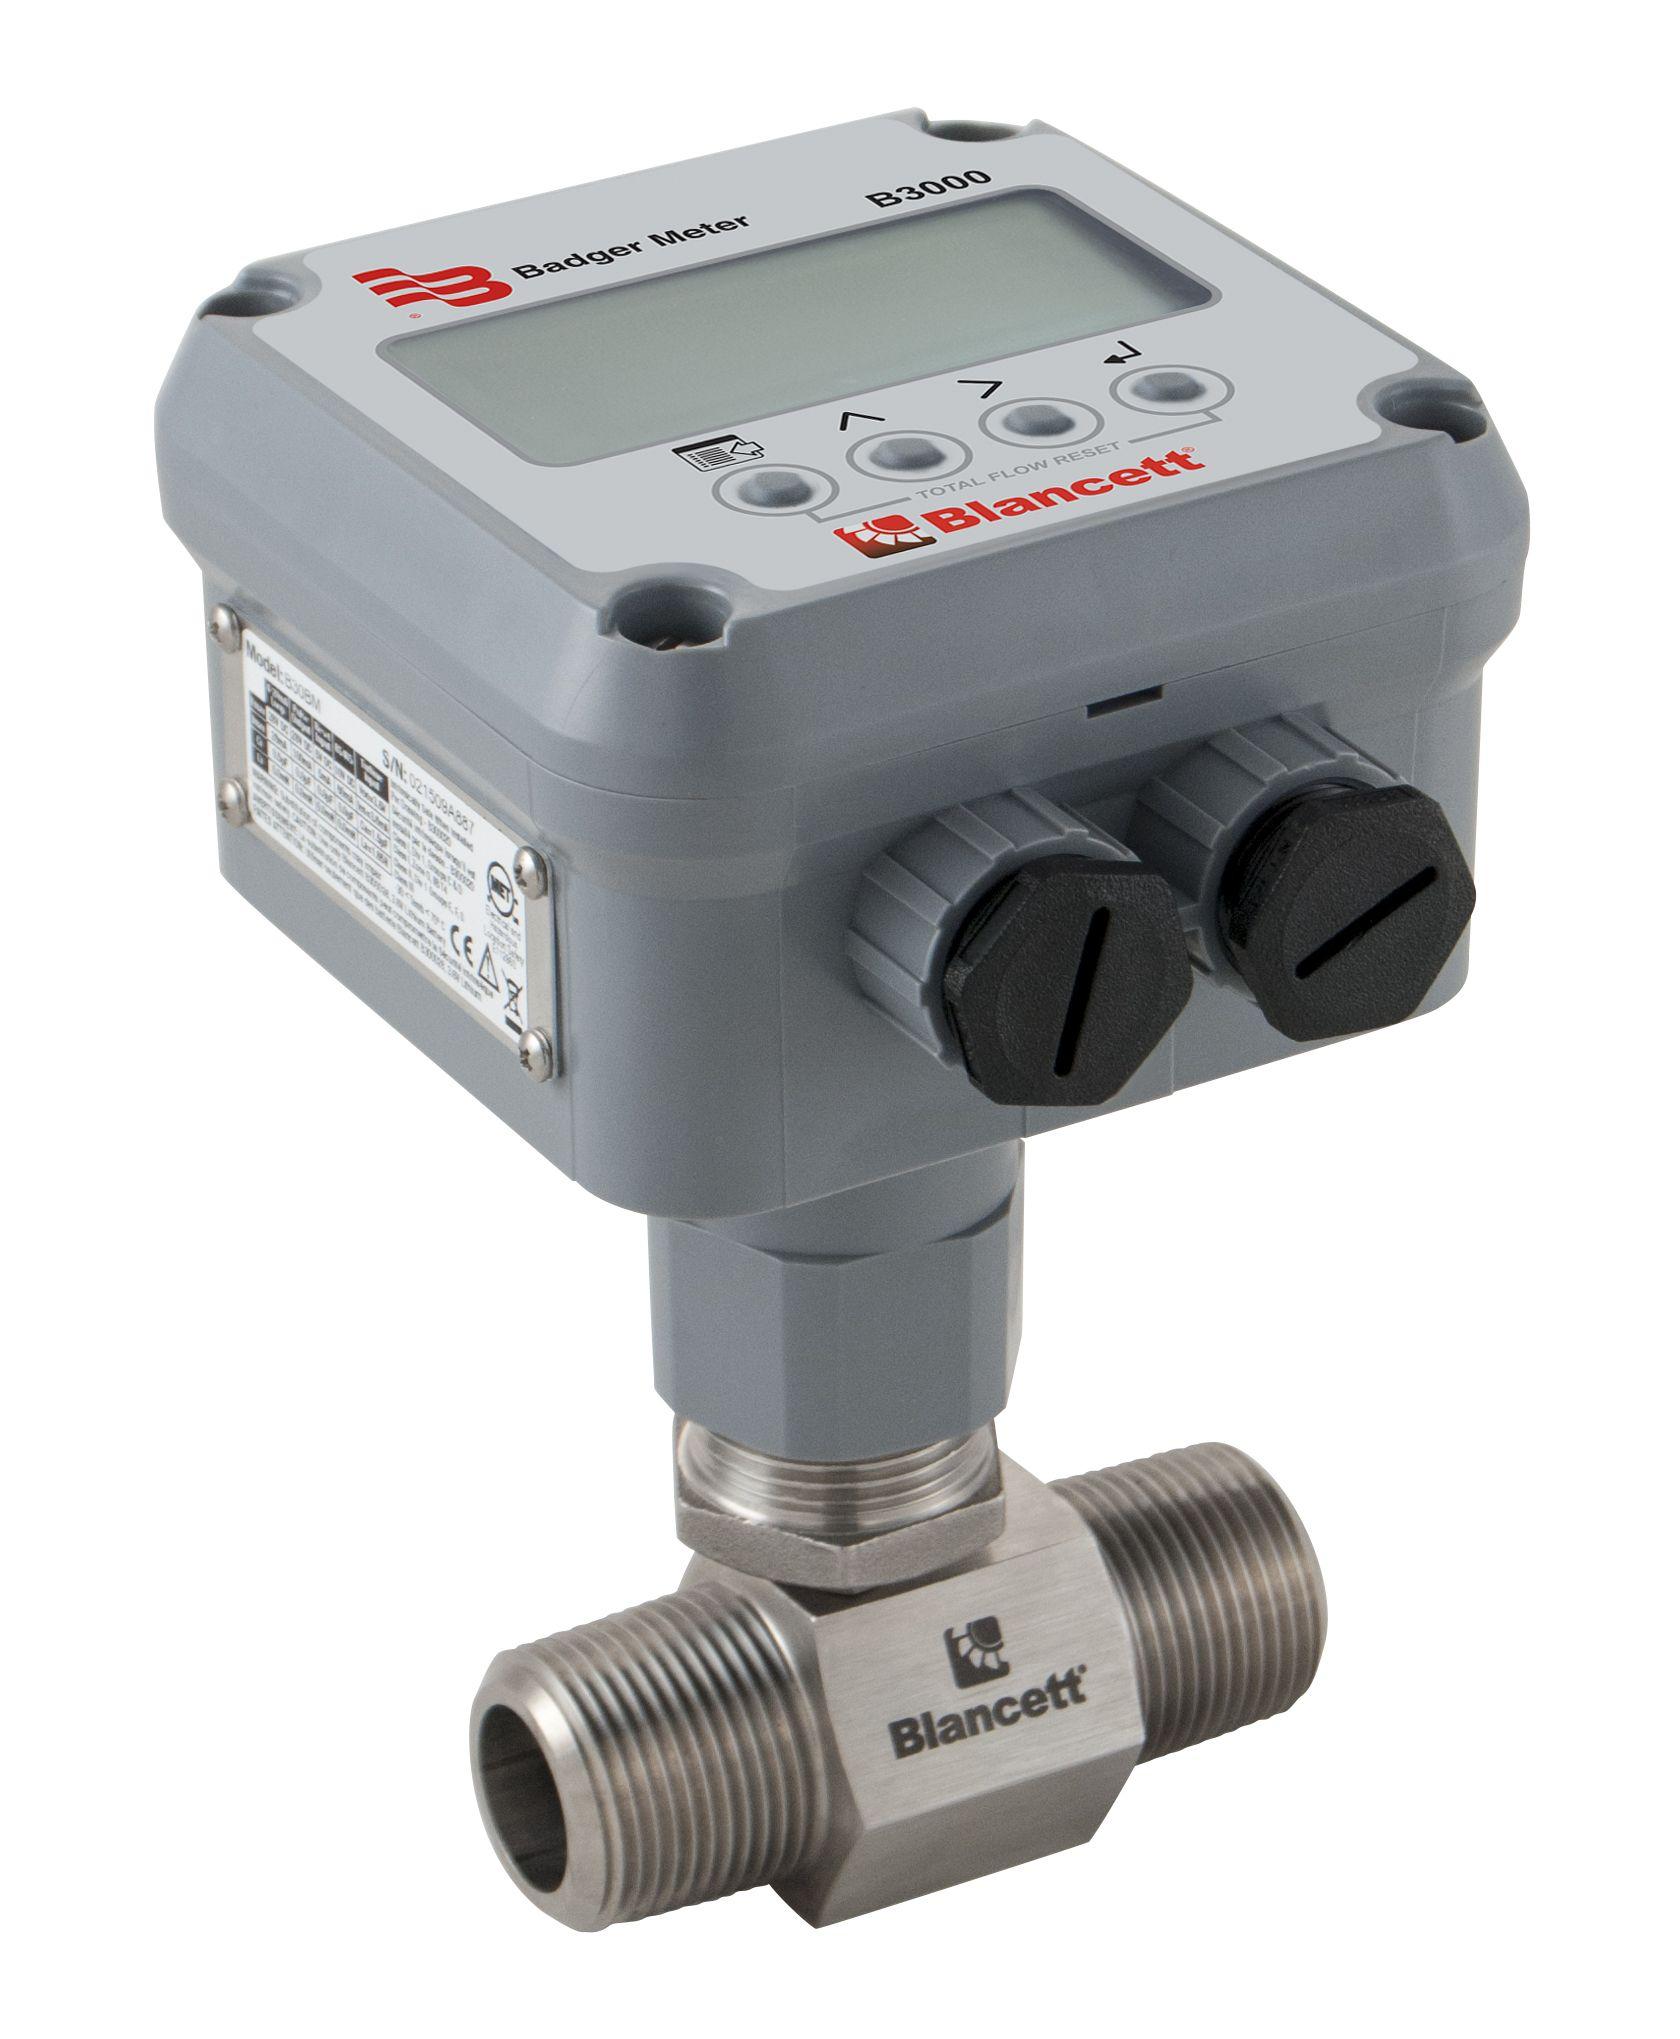 B1500 Turbine Flow Meter